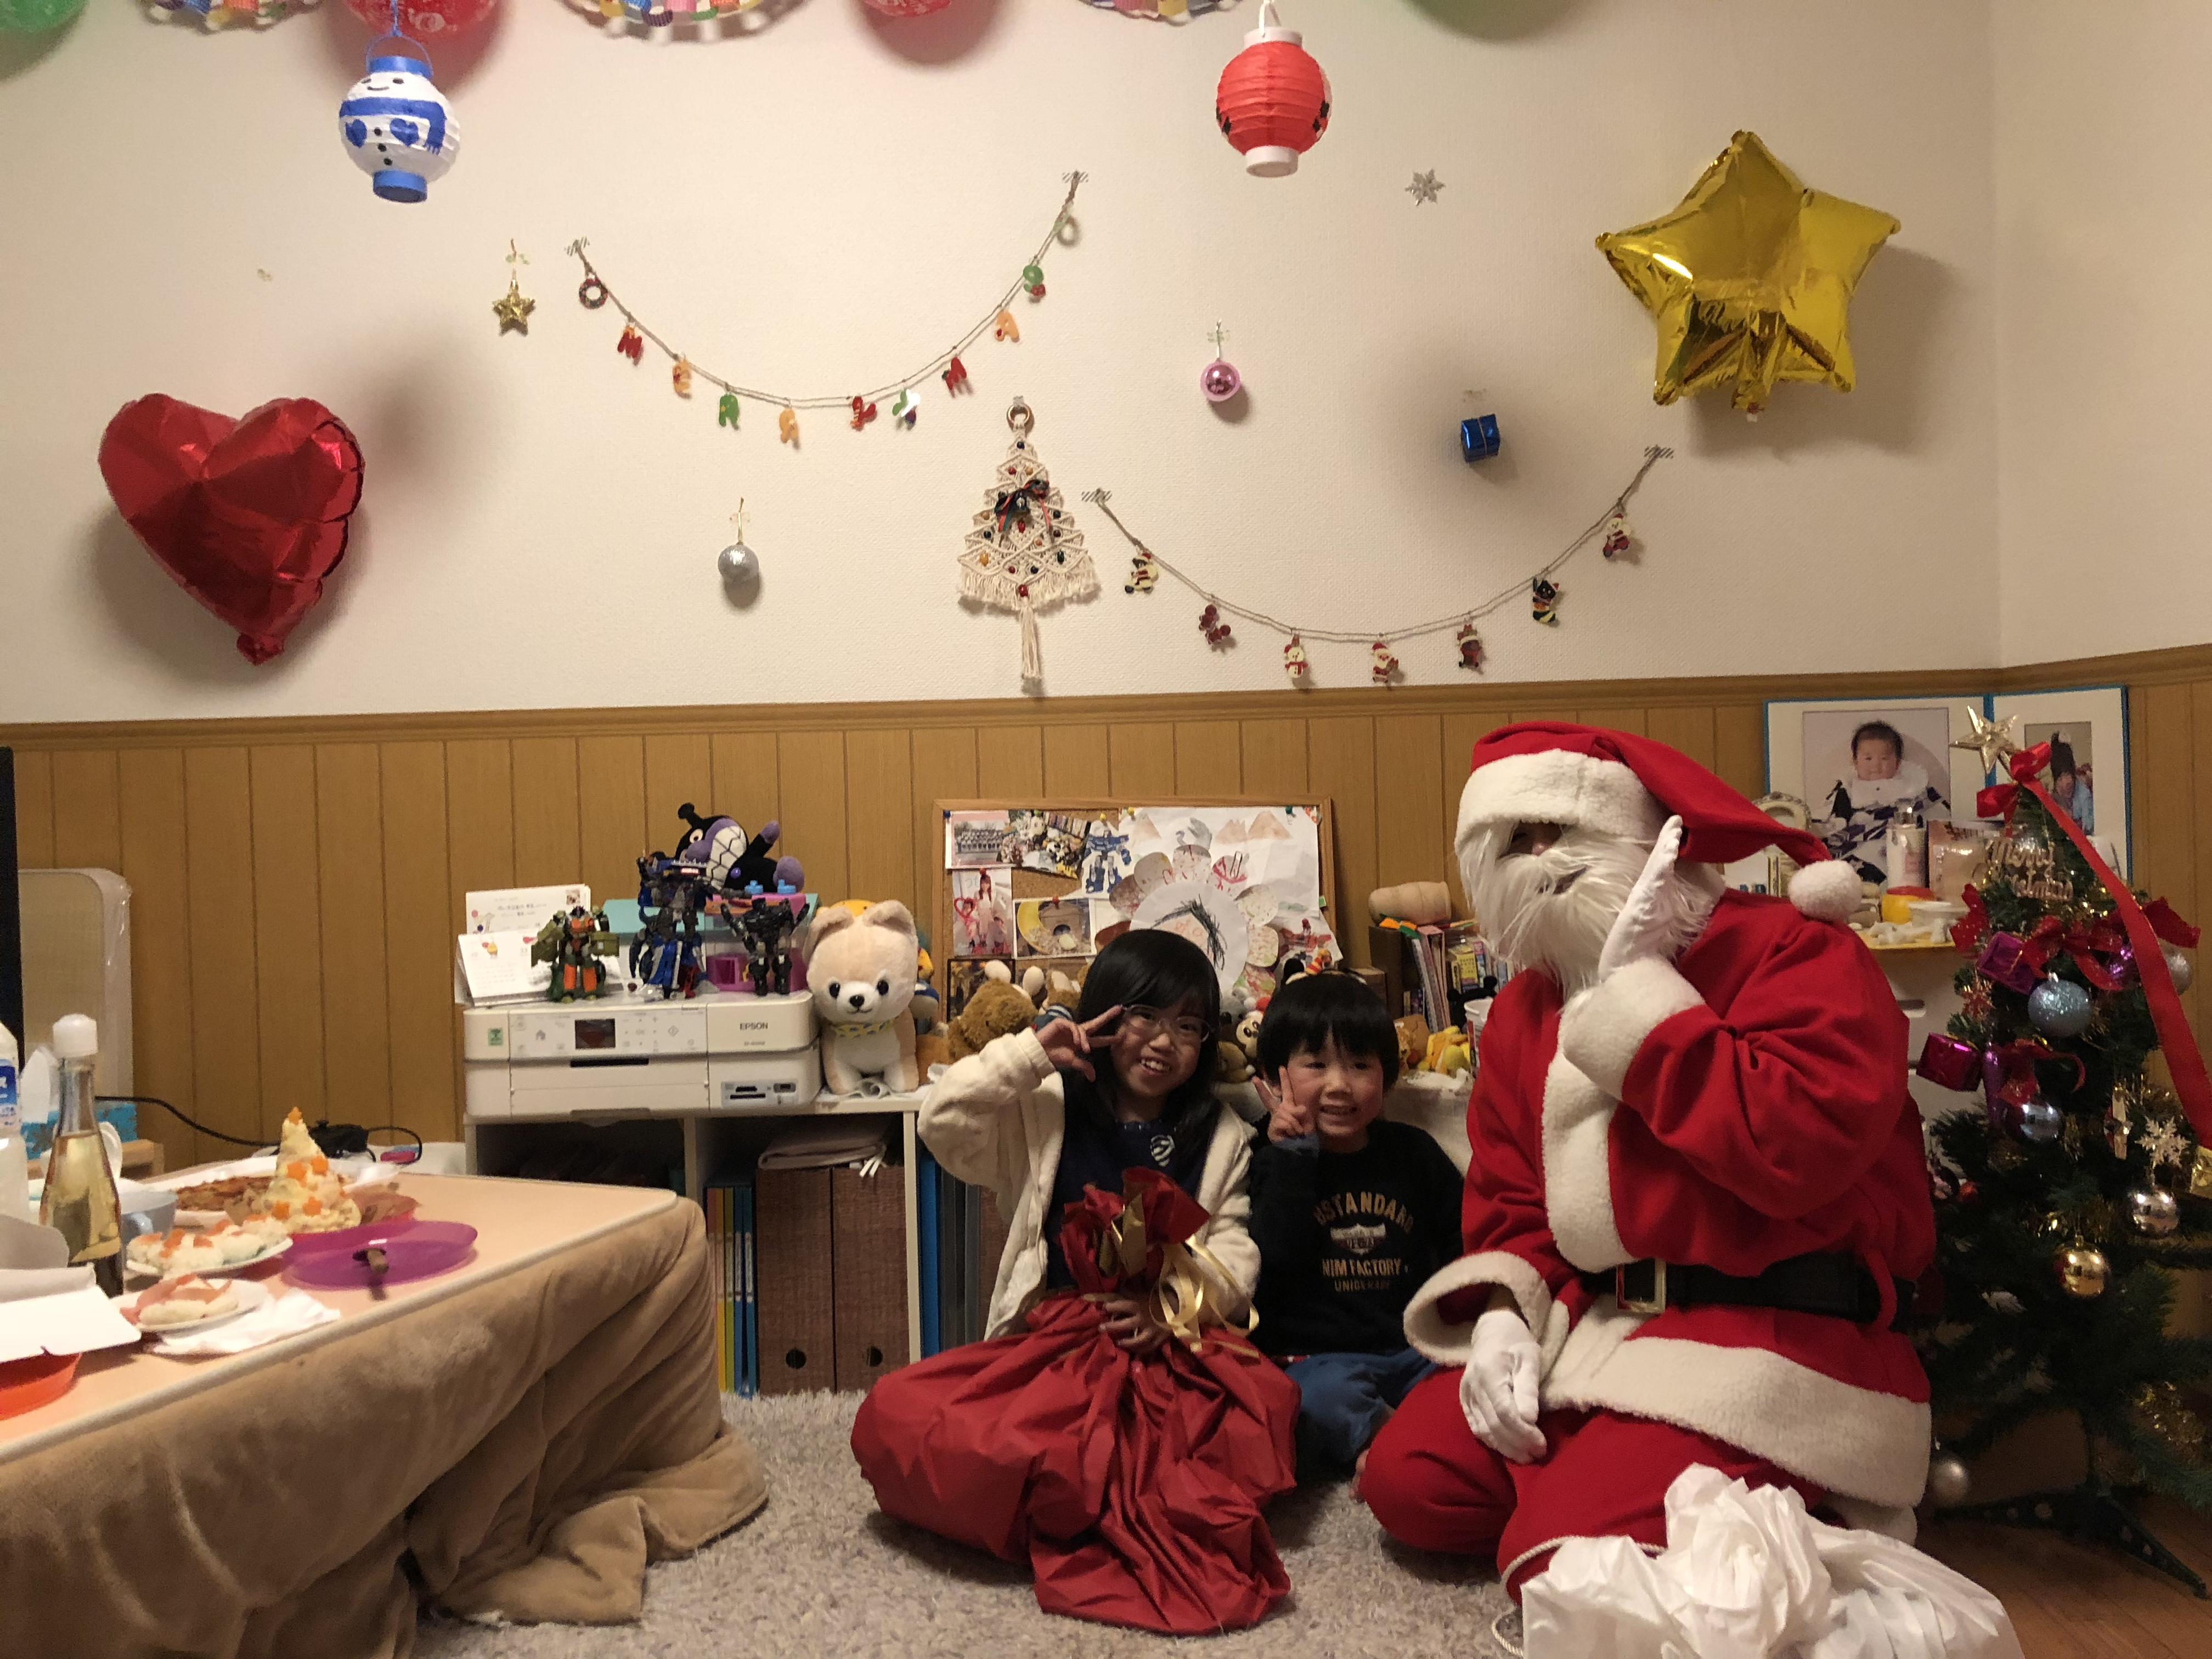 難病と闘う娘と家族に、サンタさんとの素敵な時間を